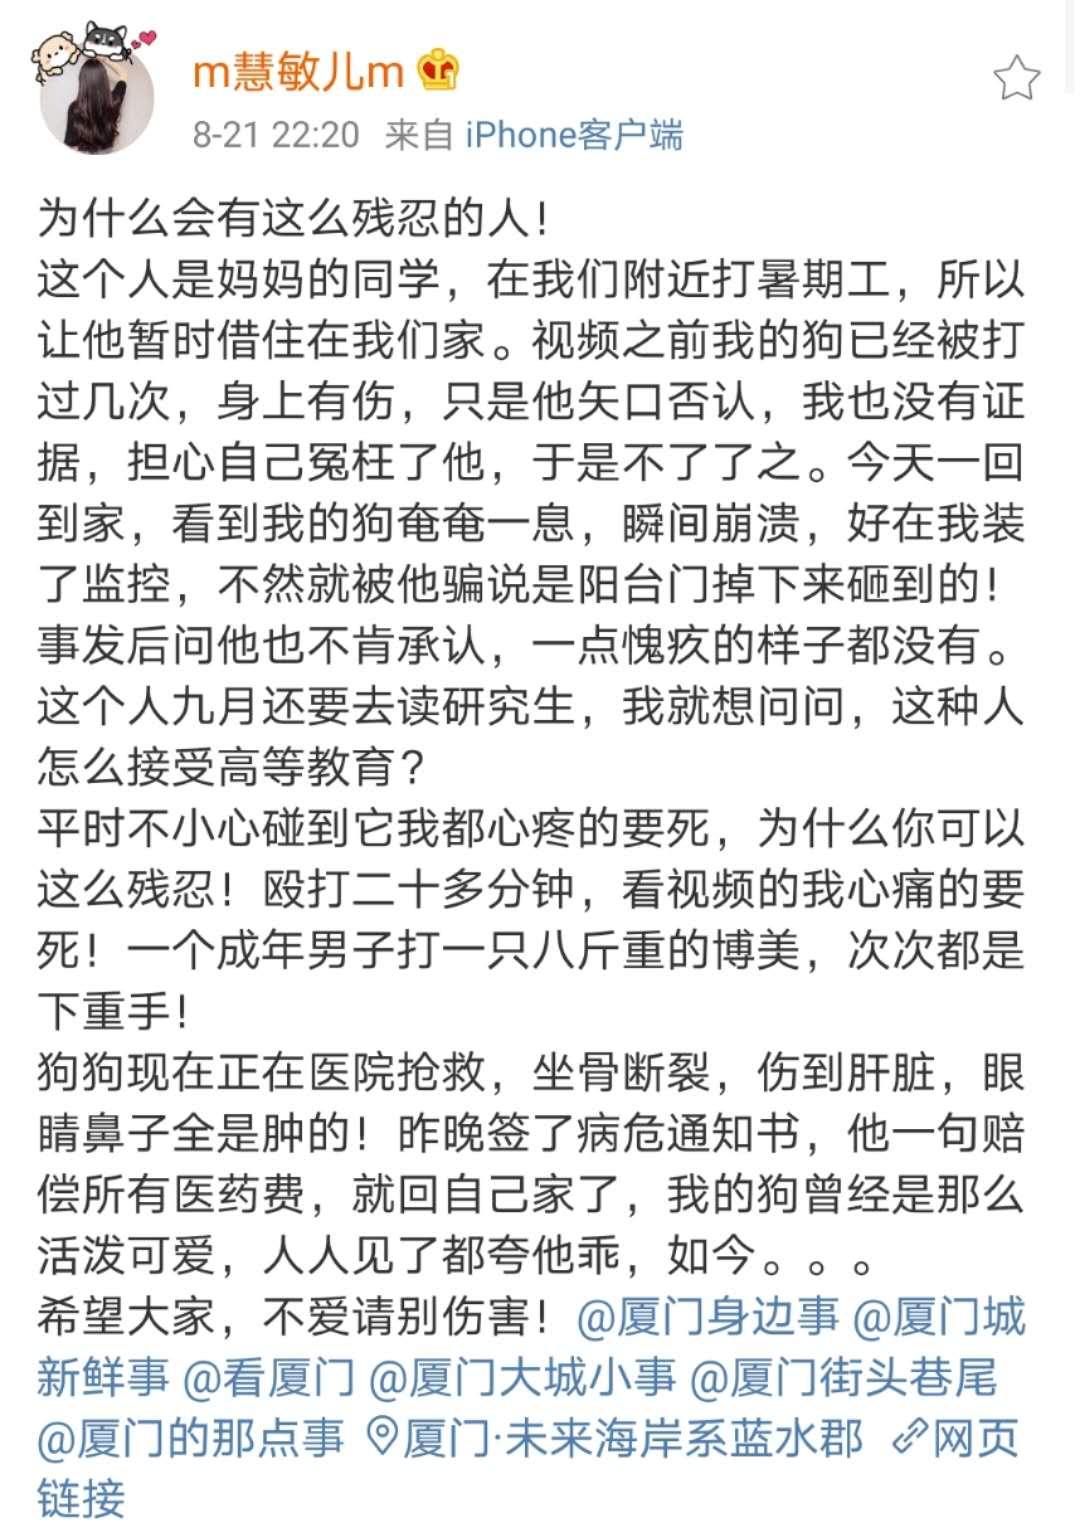 """【迪士尼国际网址dsn595com】_福州大学回应""""准研究生疑似虐狗"""":正核实涉事人身份"""